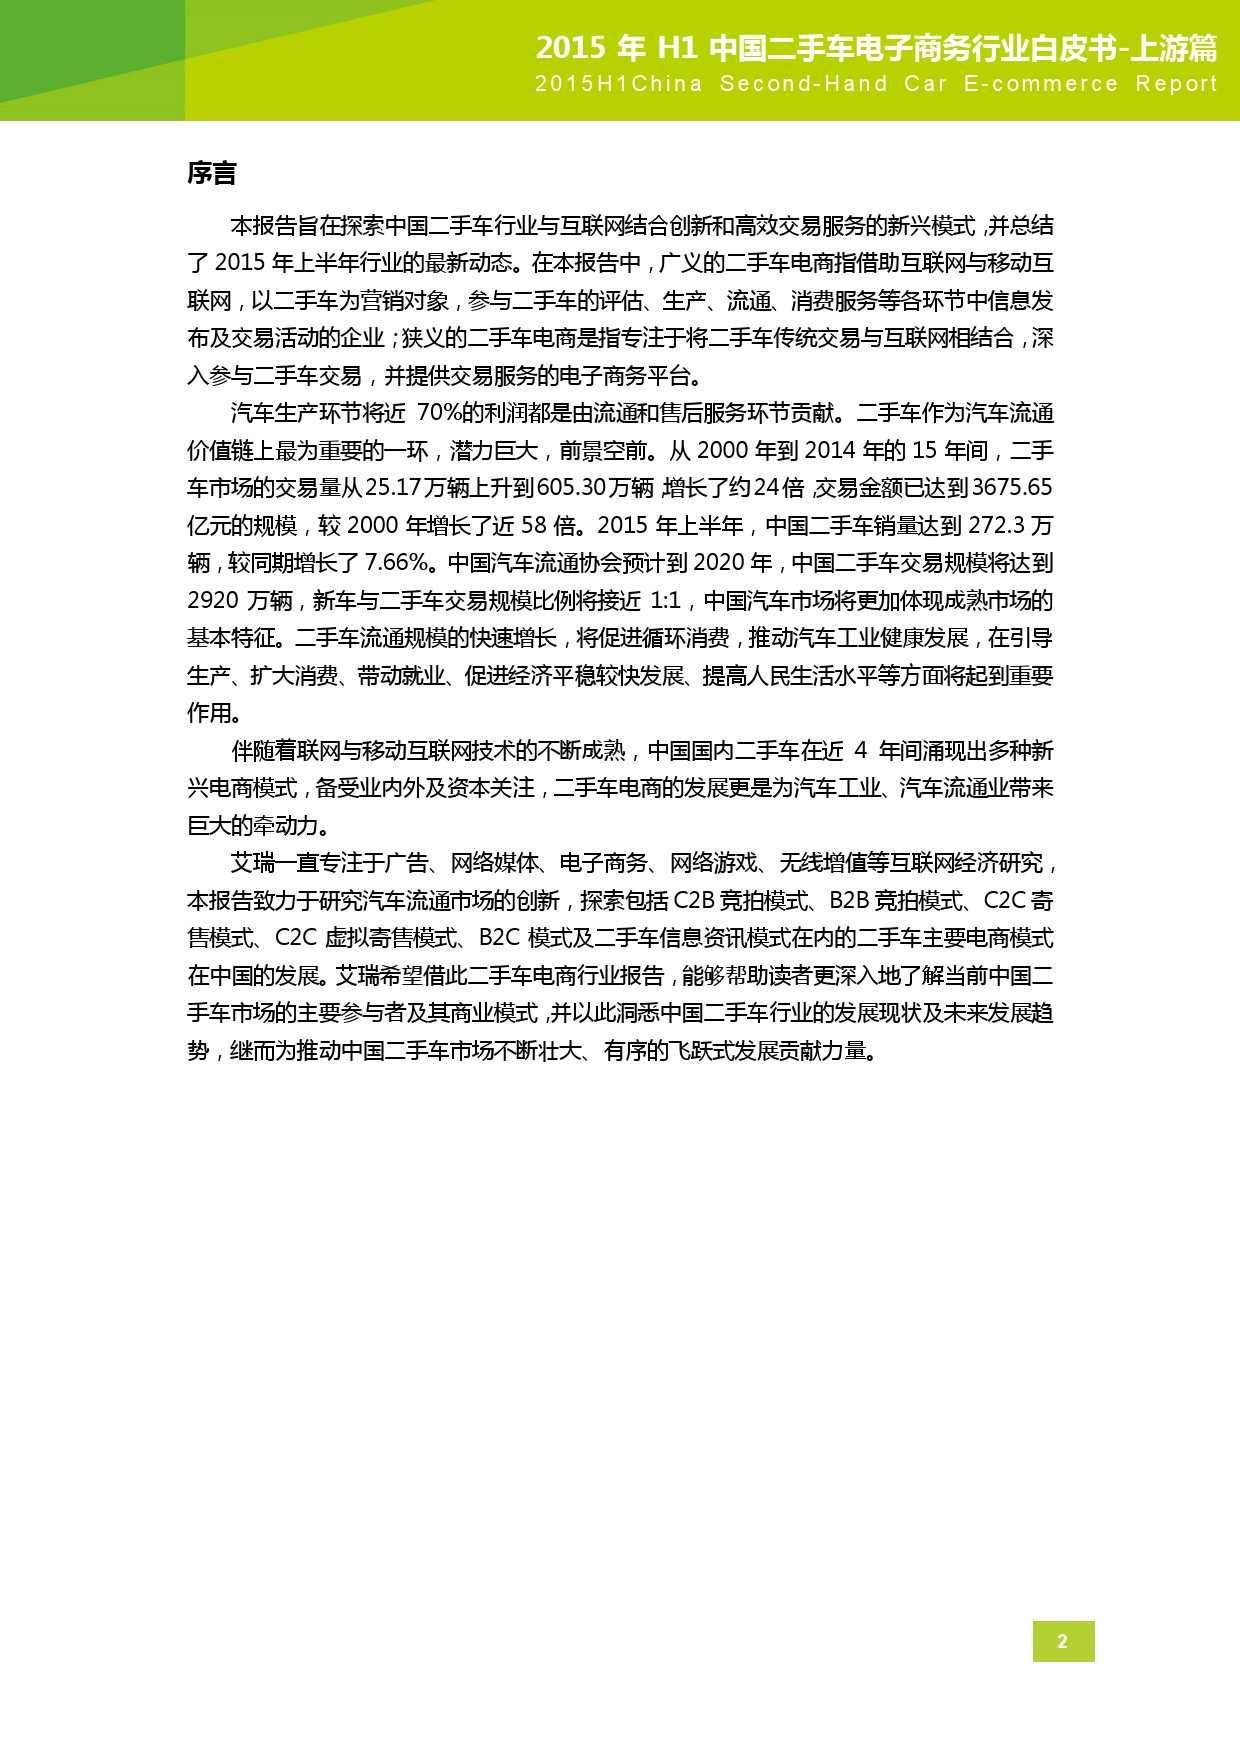 2015年中国二手车电子商务行业白皮书-上游篇_000003